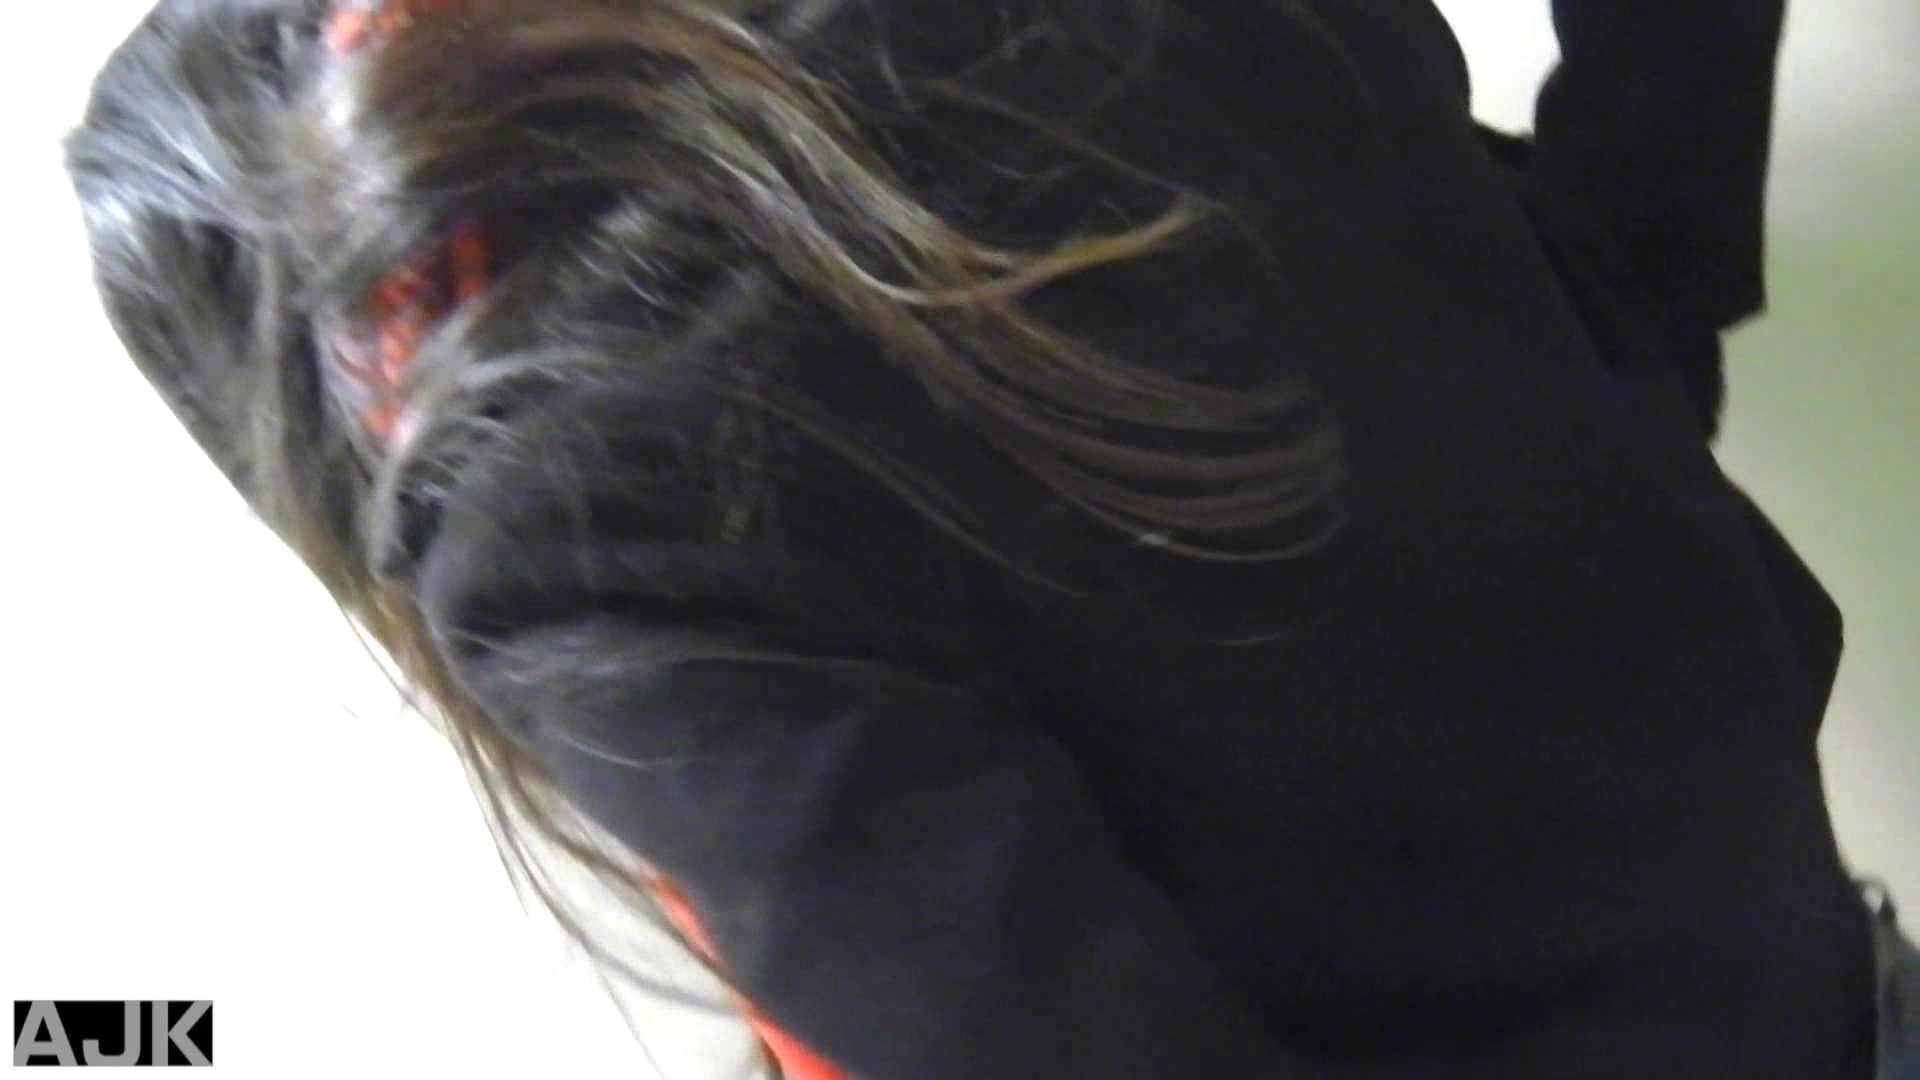 隣国上階級エリアの令嬢たちが集うデパートお手洗い Vol.06 盗撮で悶絶 スケベ動画紹介 78画像 14